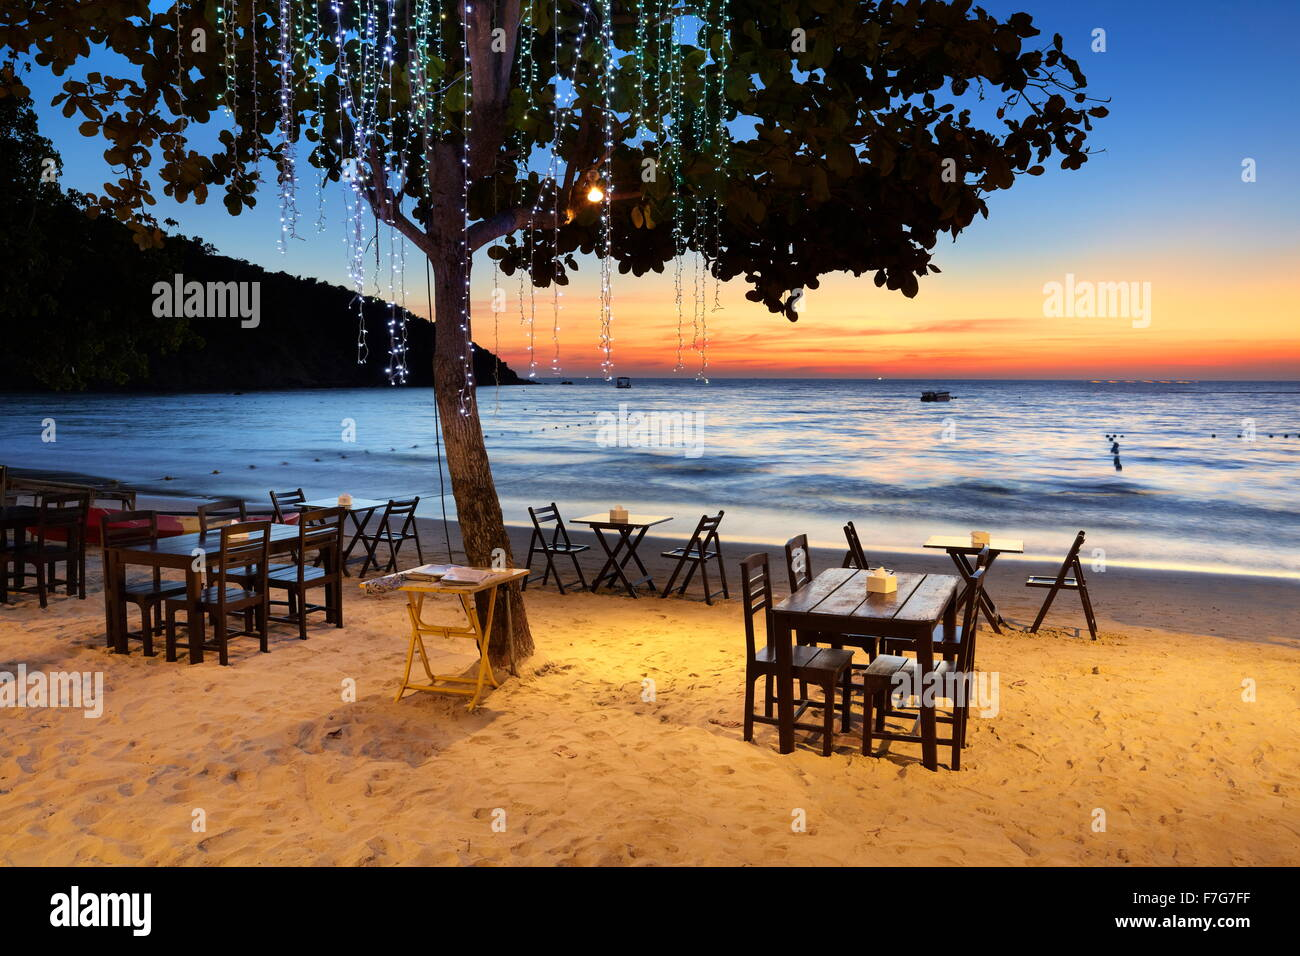 Ristorante sulla spiaggia al tramonto, Lima Coco resort Ko Samet Island, Thailandia Immagini Stock